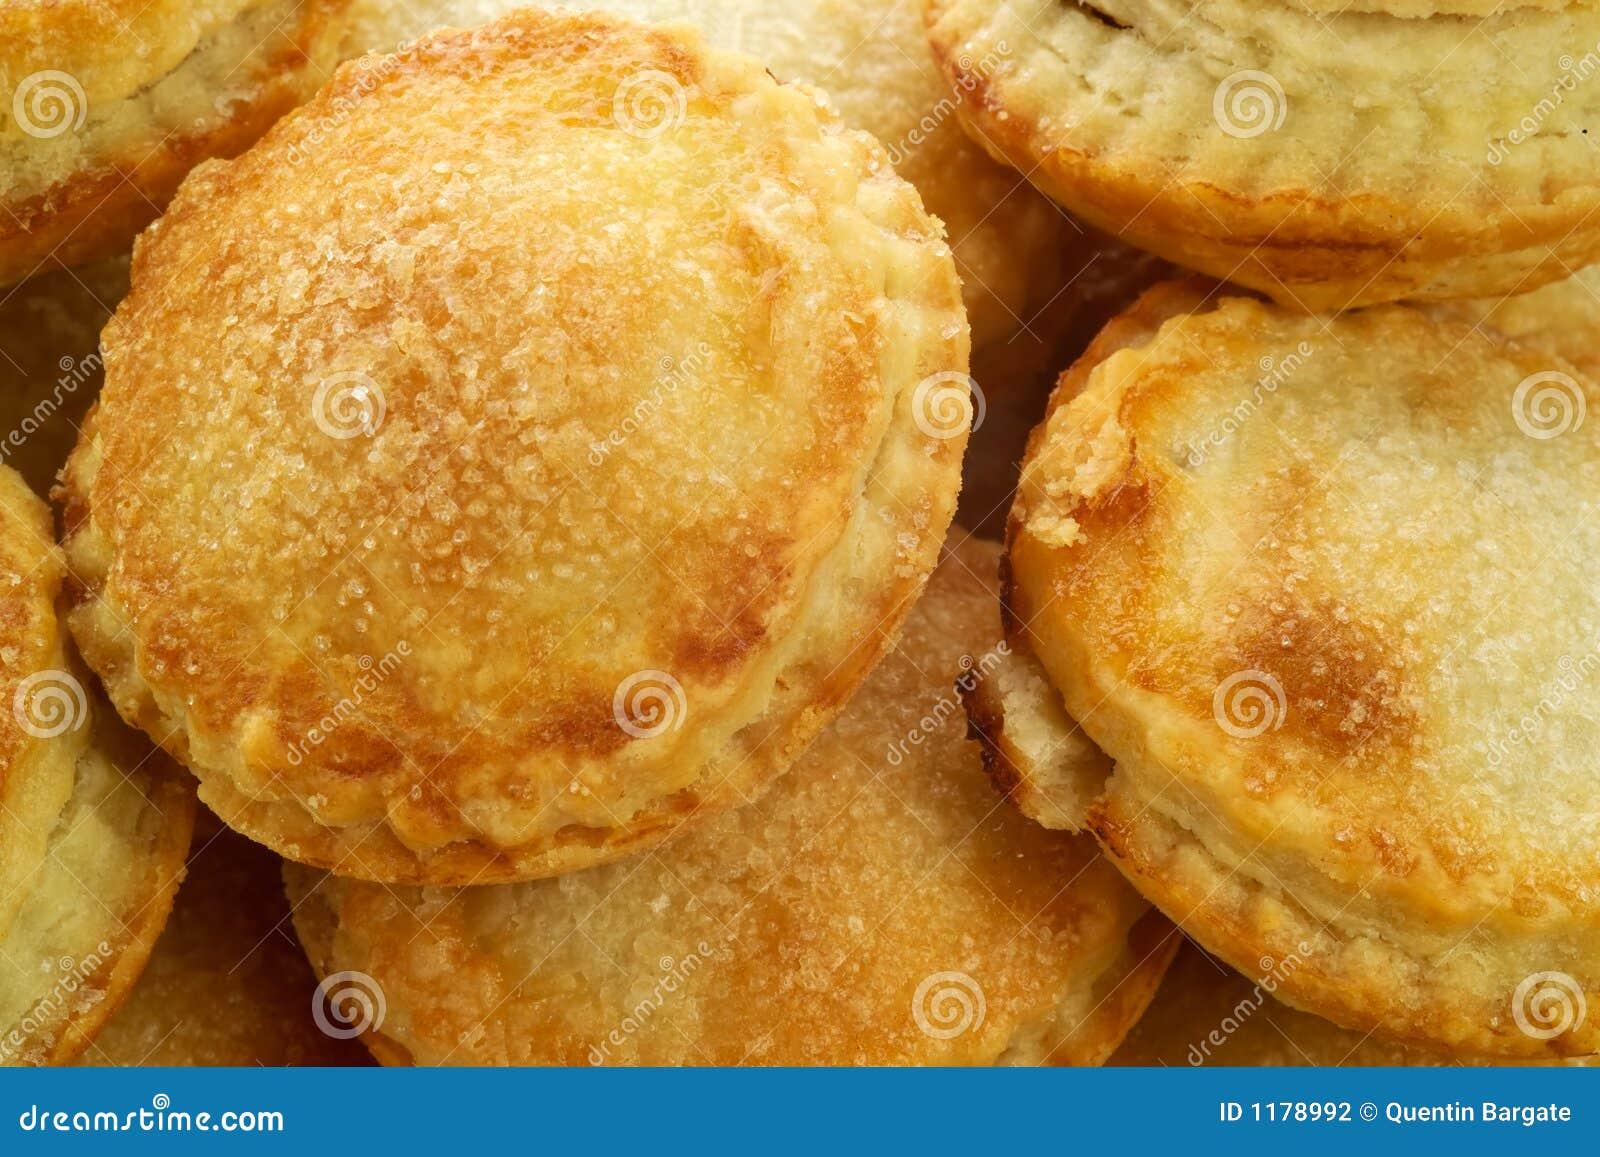 Eigengemaakte pastei met suiker